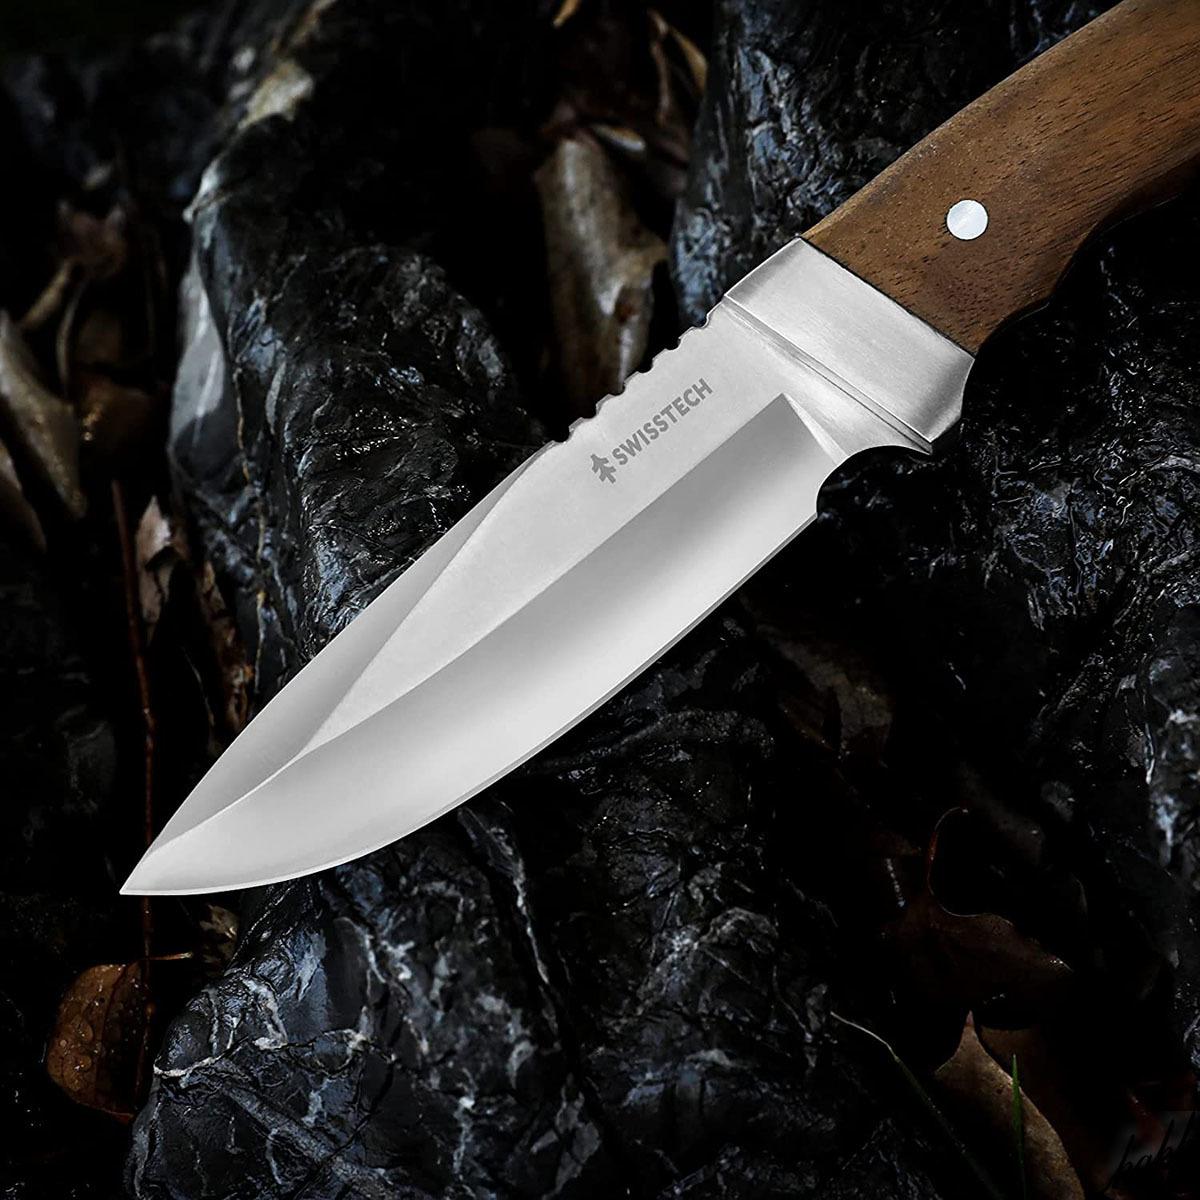 【手に馴染む天然ウッドハンドル】 シースナイフ フルタング ステンレス鋼 ドロップポイント バトニング 専用ケース付き